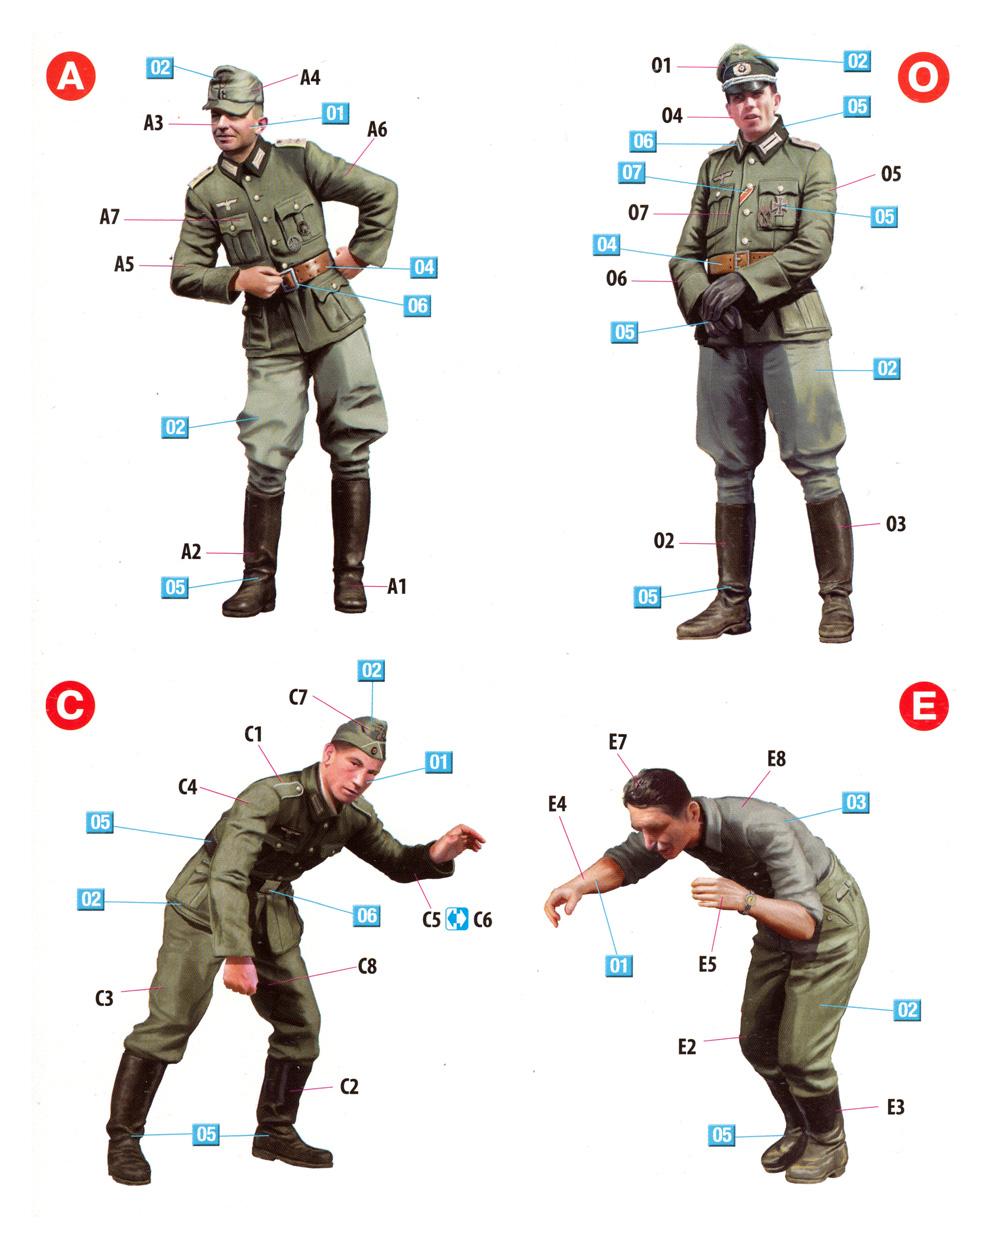 ドイツ兵 ドライバー & 士官プラモデル(ミニアート1/35 WW2 ミリタリーミニチュアNo.35345)商品画像_1